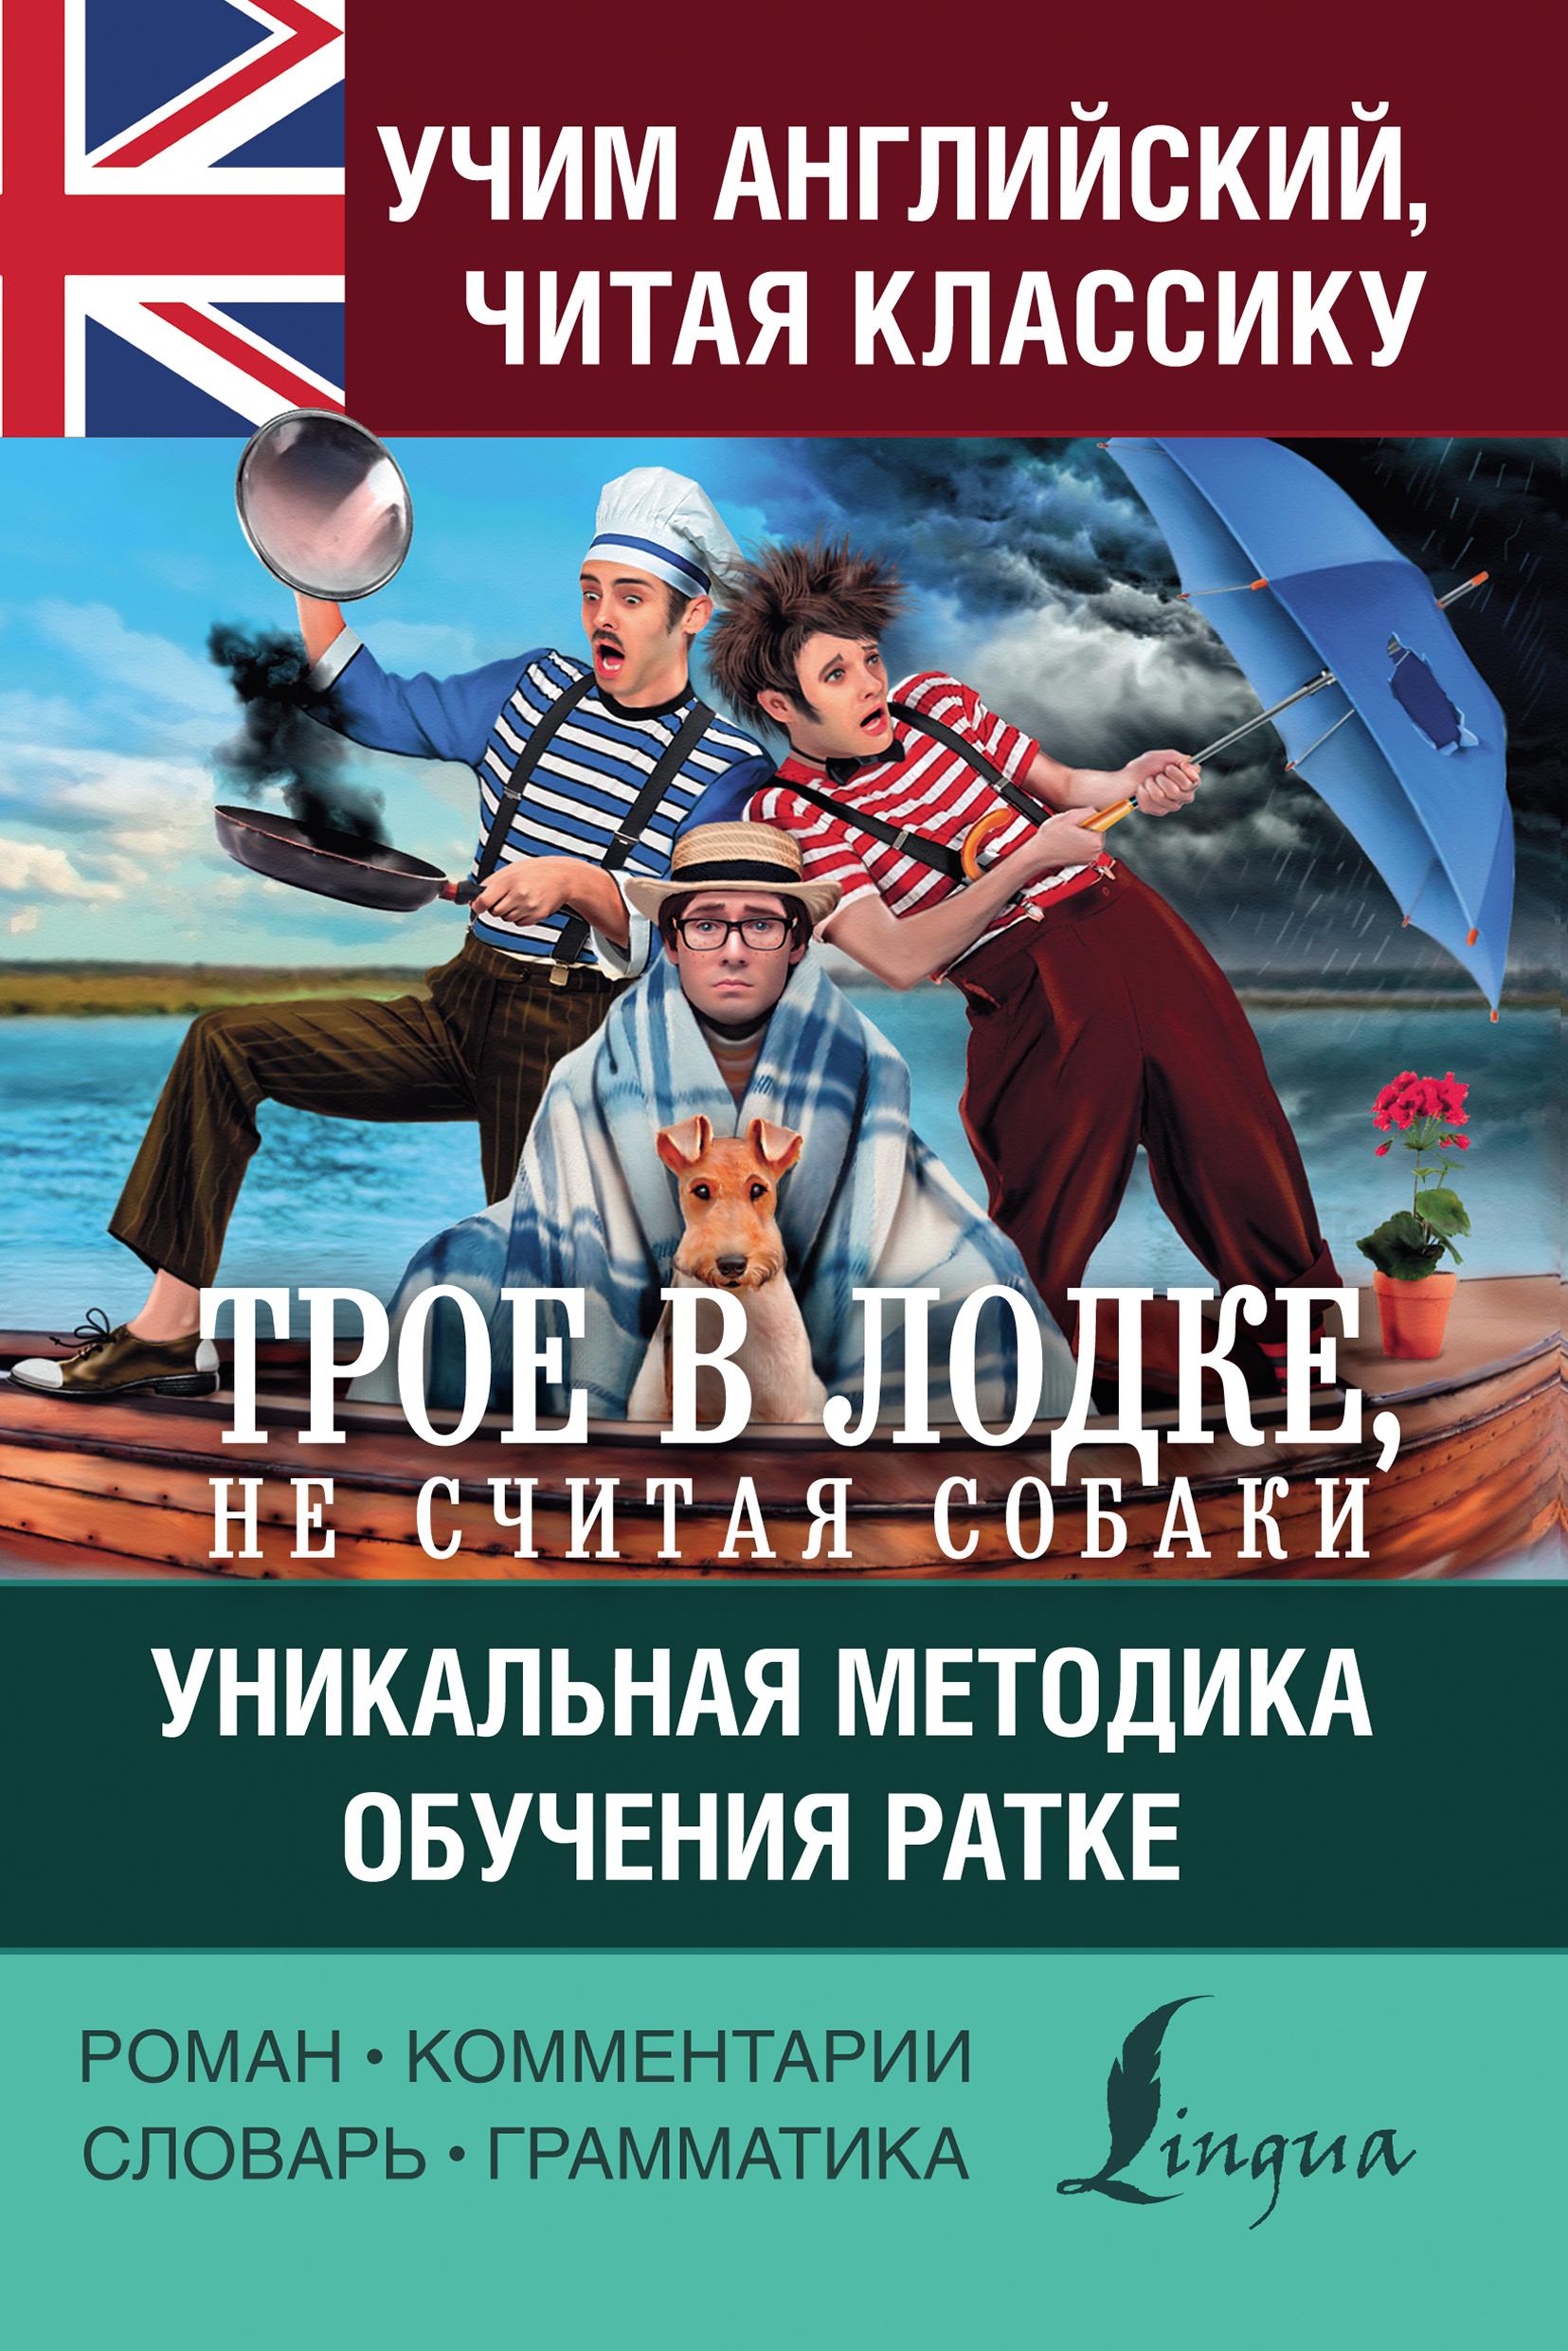 Джером Клапка Джером Учим английский с «Трое в лодке, не считая собаки». Уникальная методика обучения Ратке джером к дж трое в лодке не считая собаки уникальная методика обучения ратке